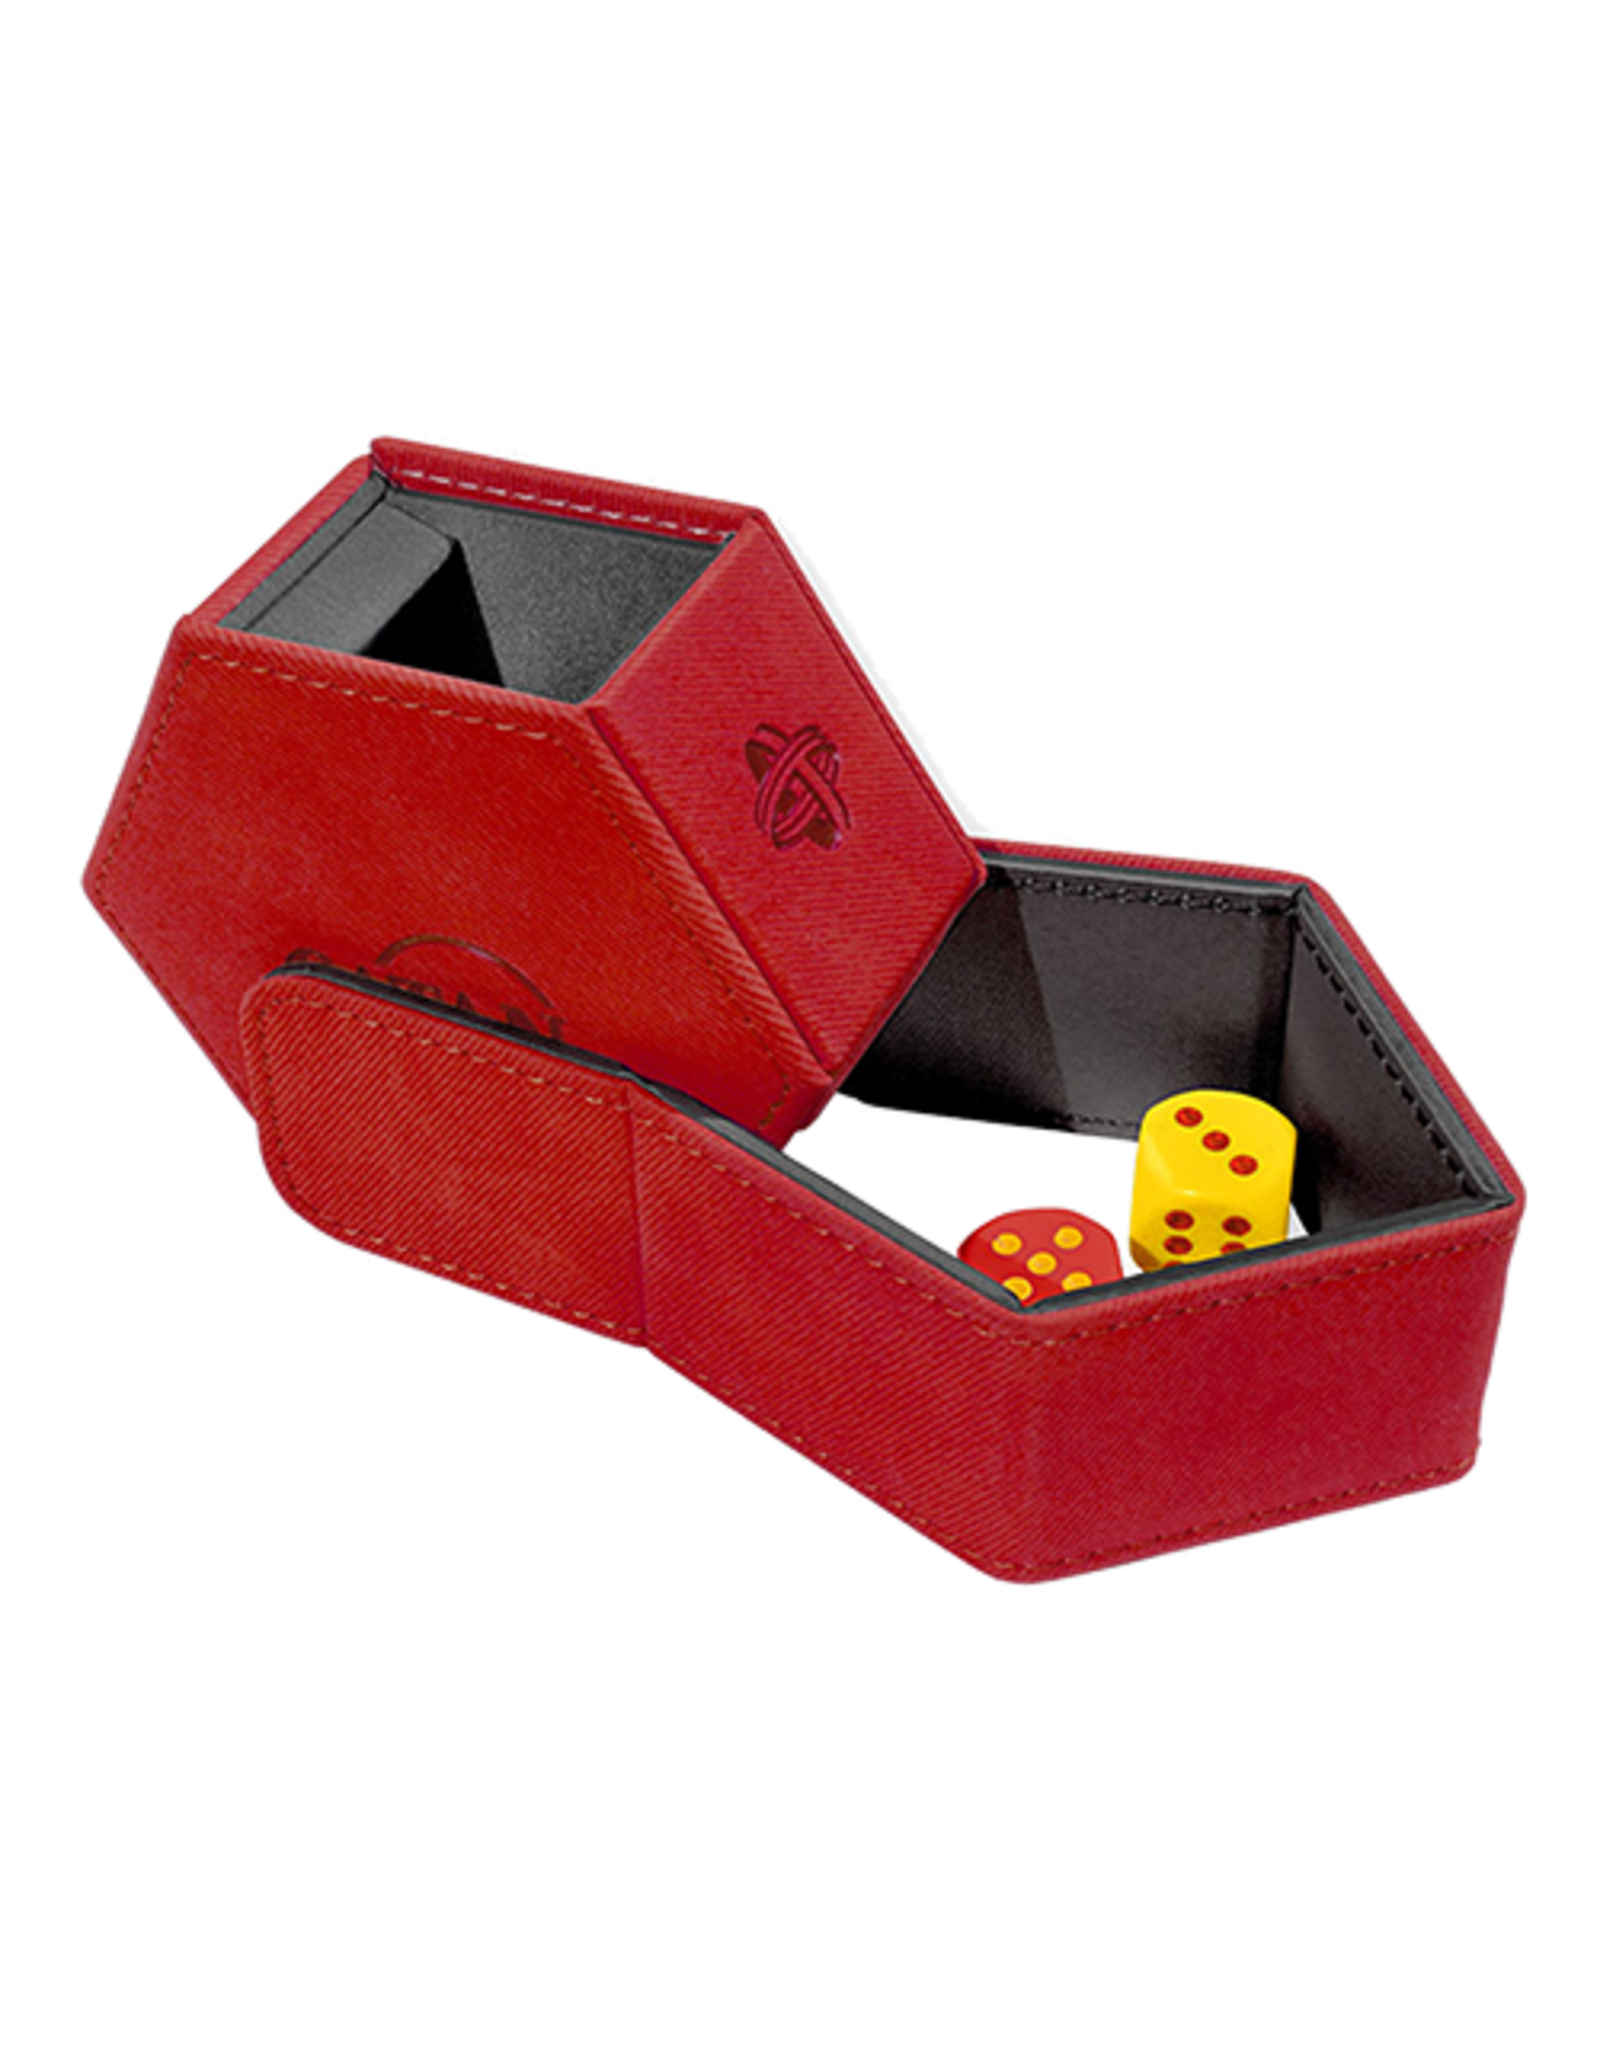 Catan Studio Catan Hexatower Red